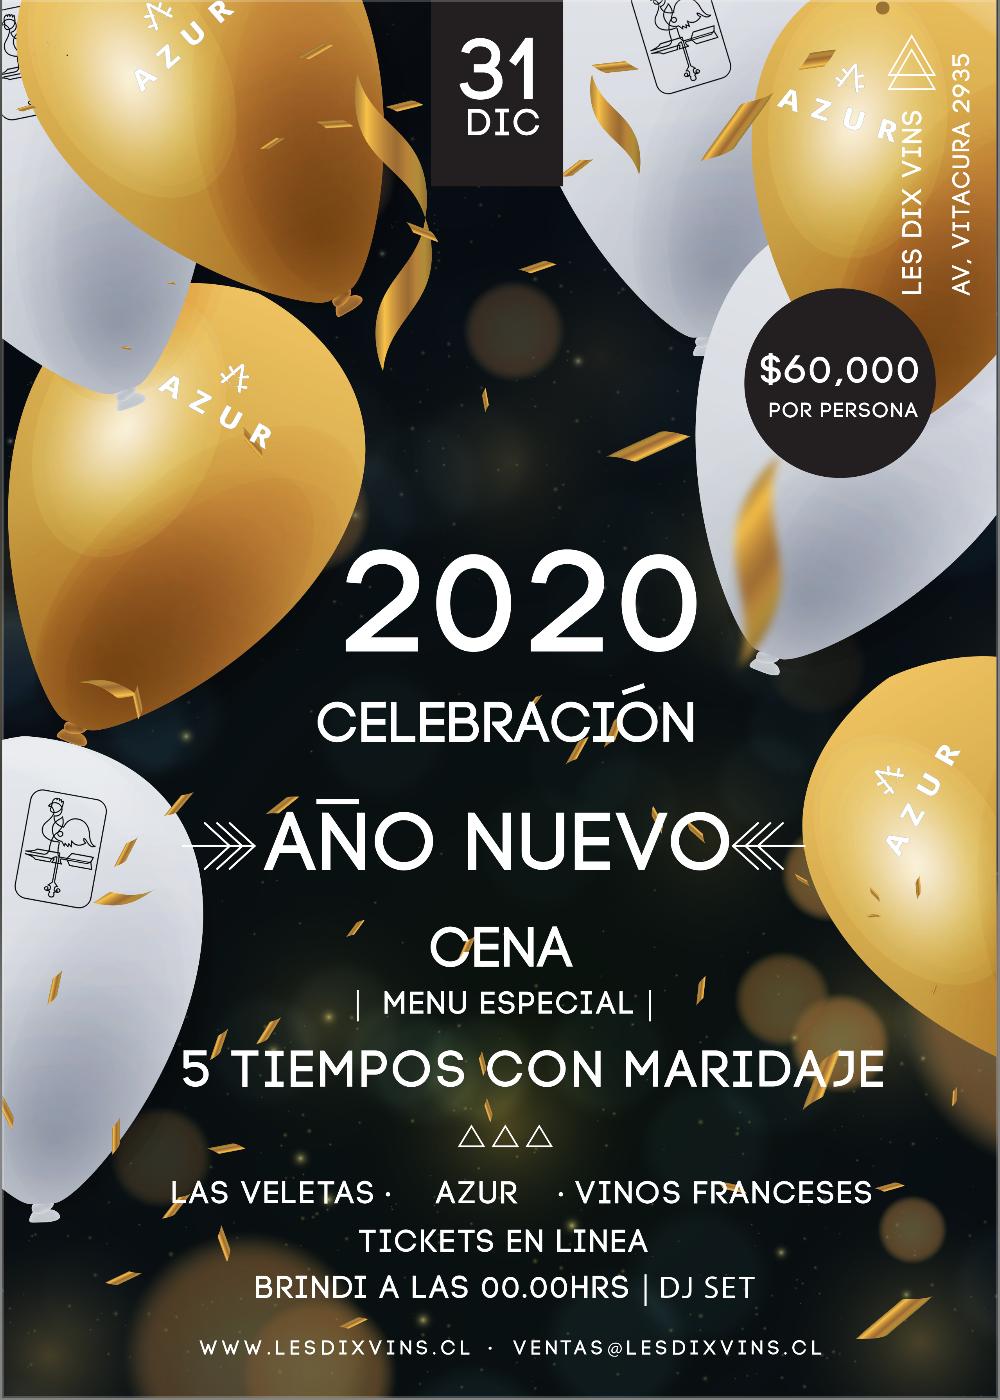 Cena Año Nuevo en 5 tiempos con maridaje y DJ set